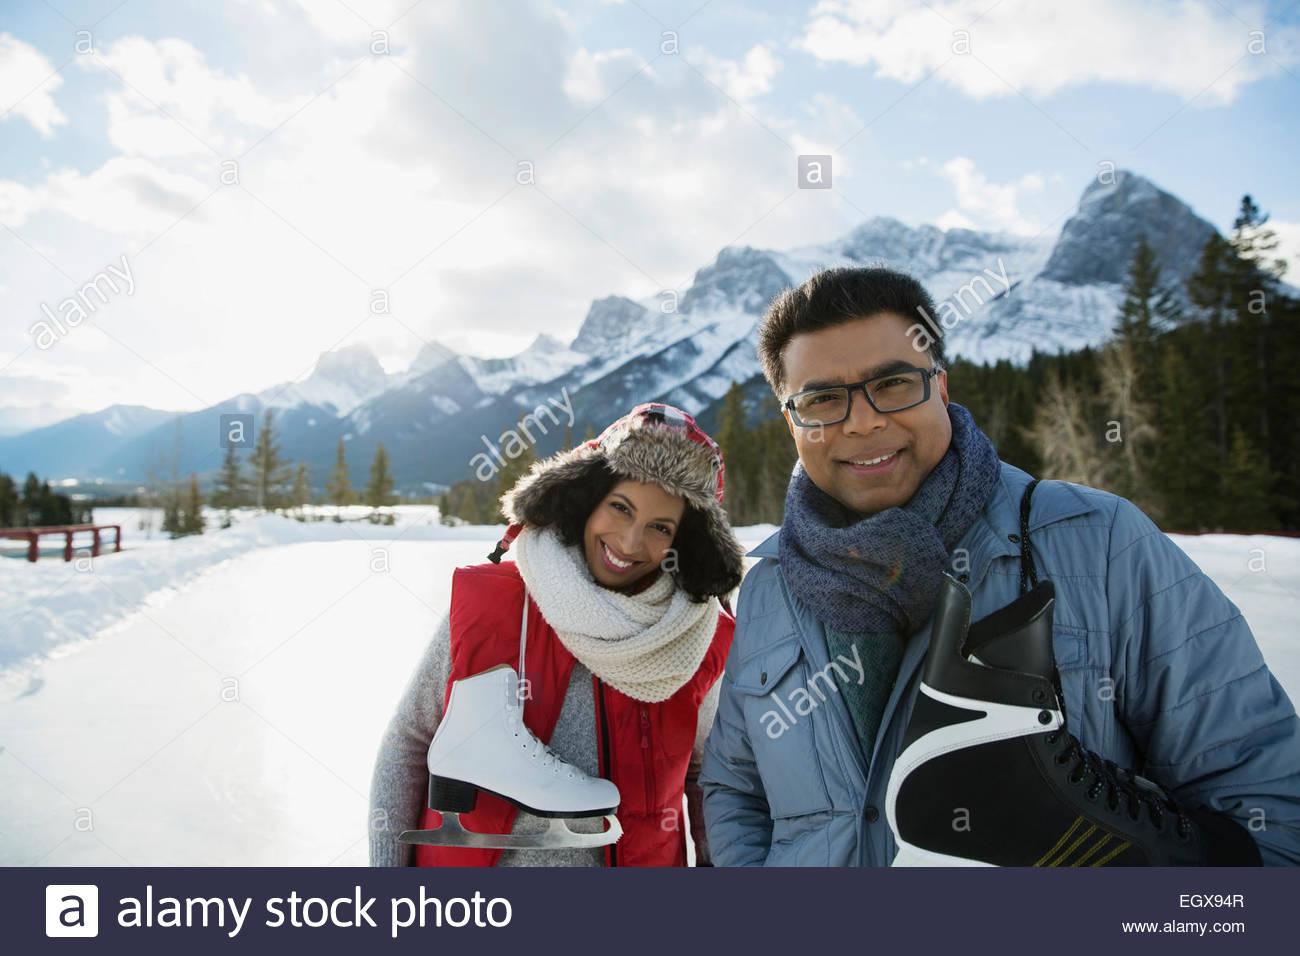 Ritratto di giovane con pattini da ghiaccio montagna vicina Immagini Stock